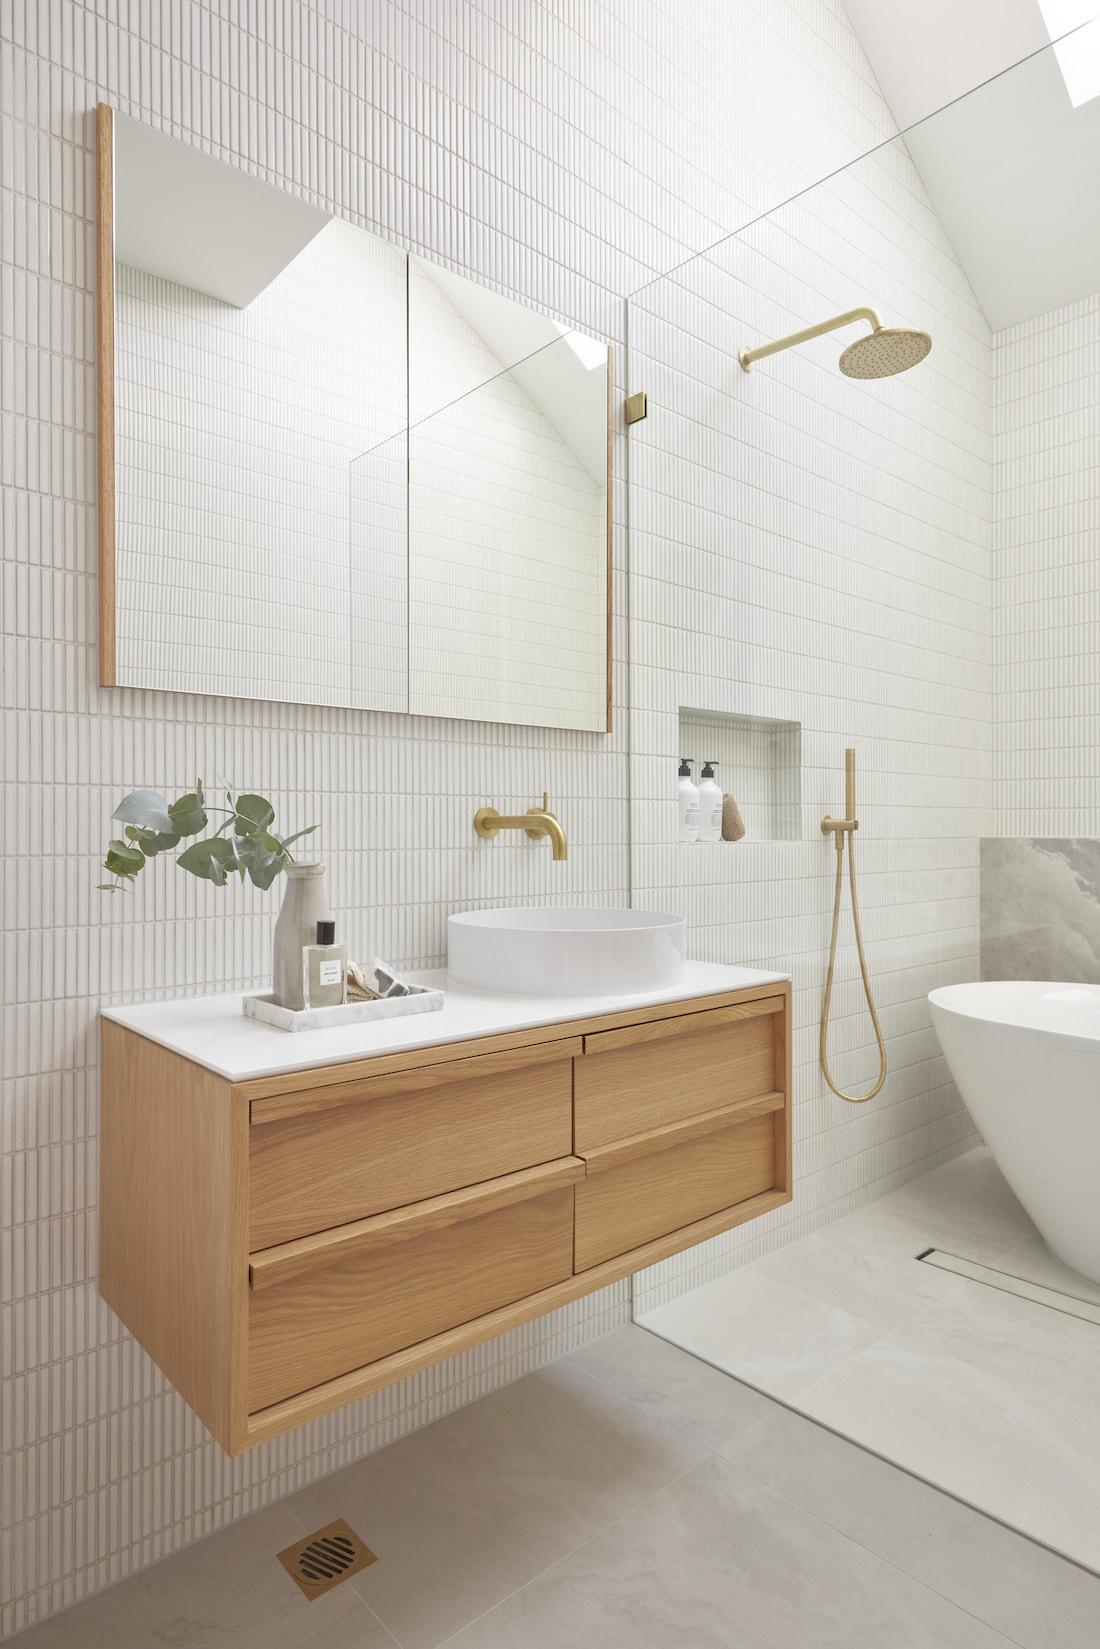 Floating timber vanity in white bathroom